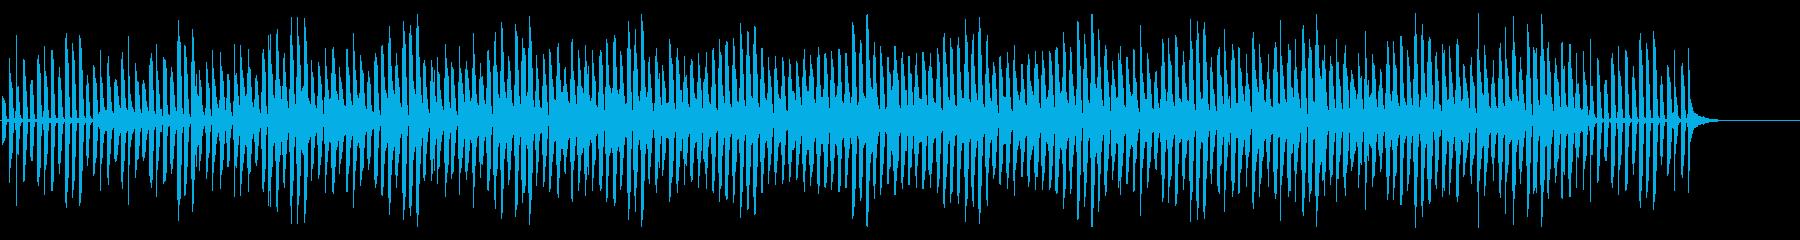 YouTubeかわいい犬猫ペット映像の再生済みの波形